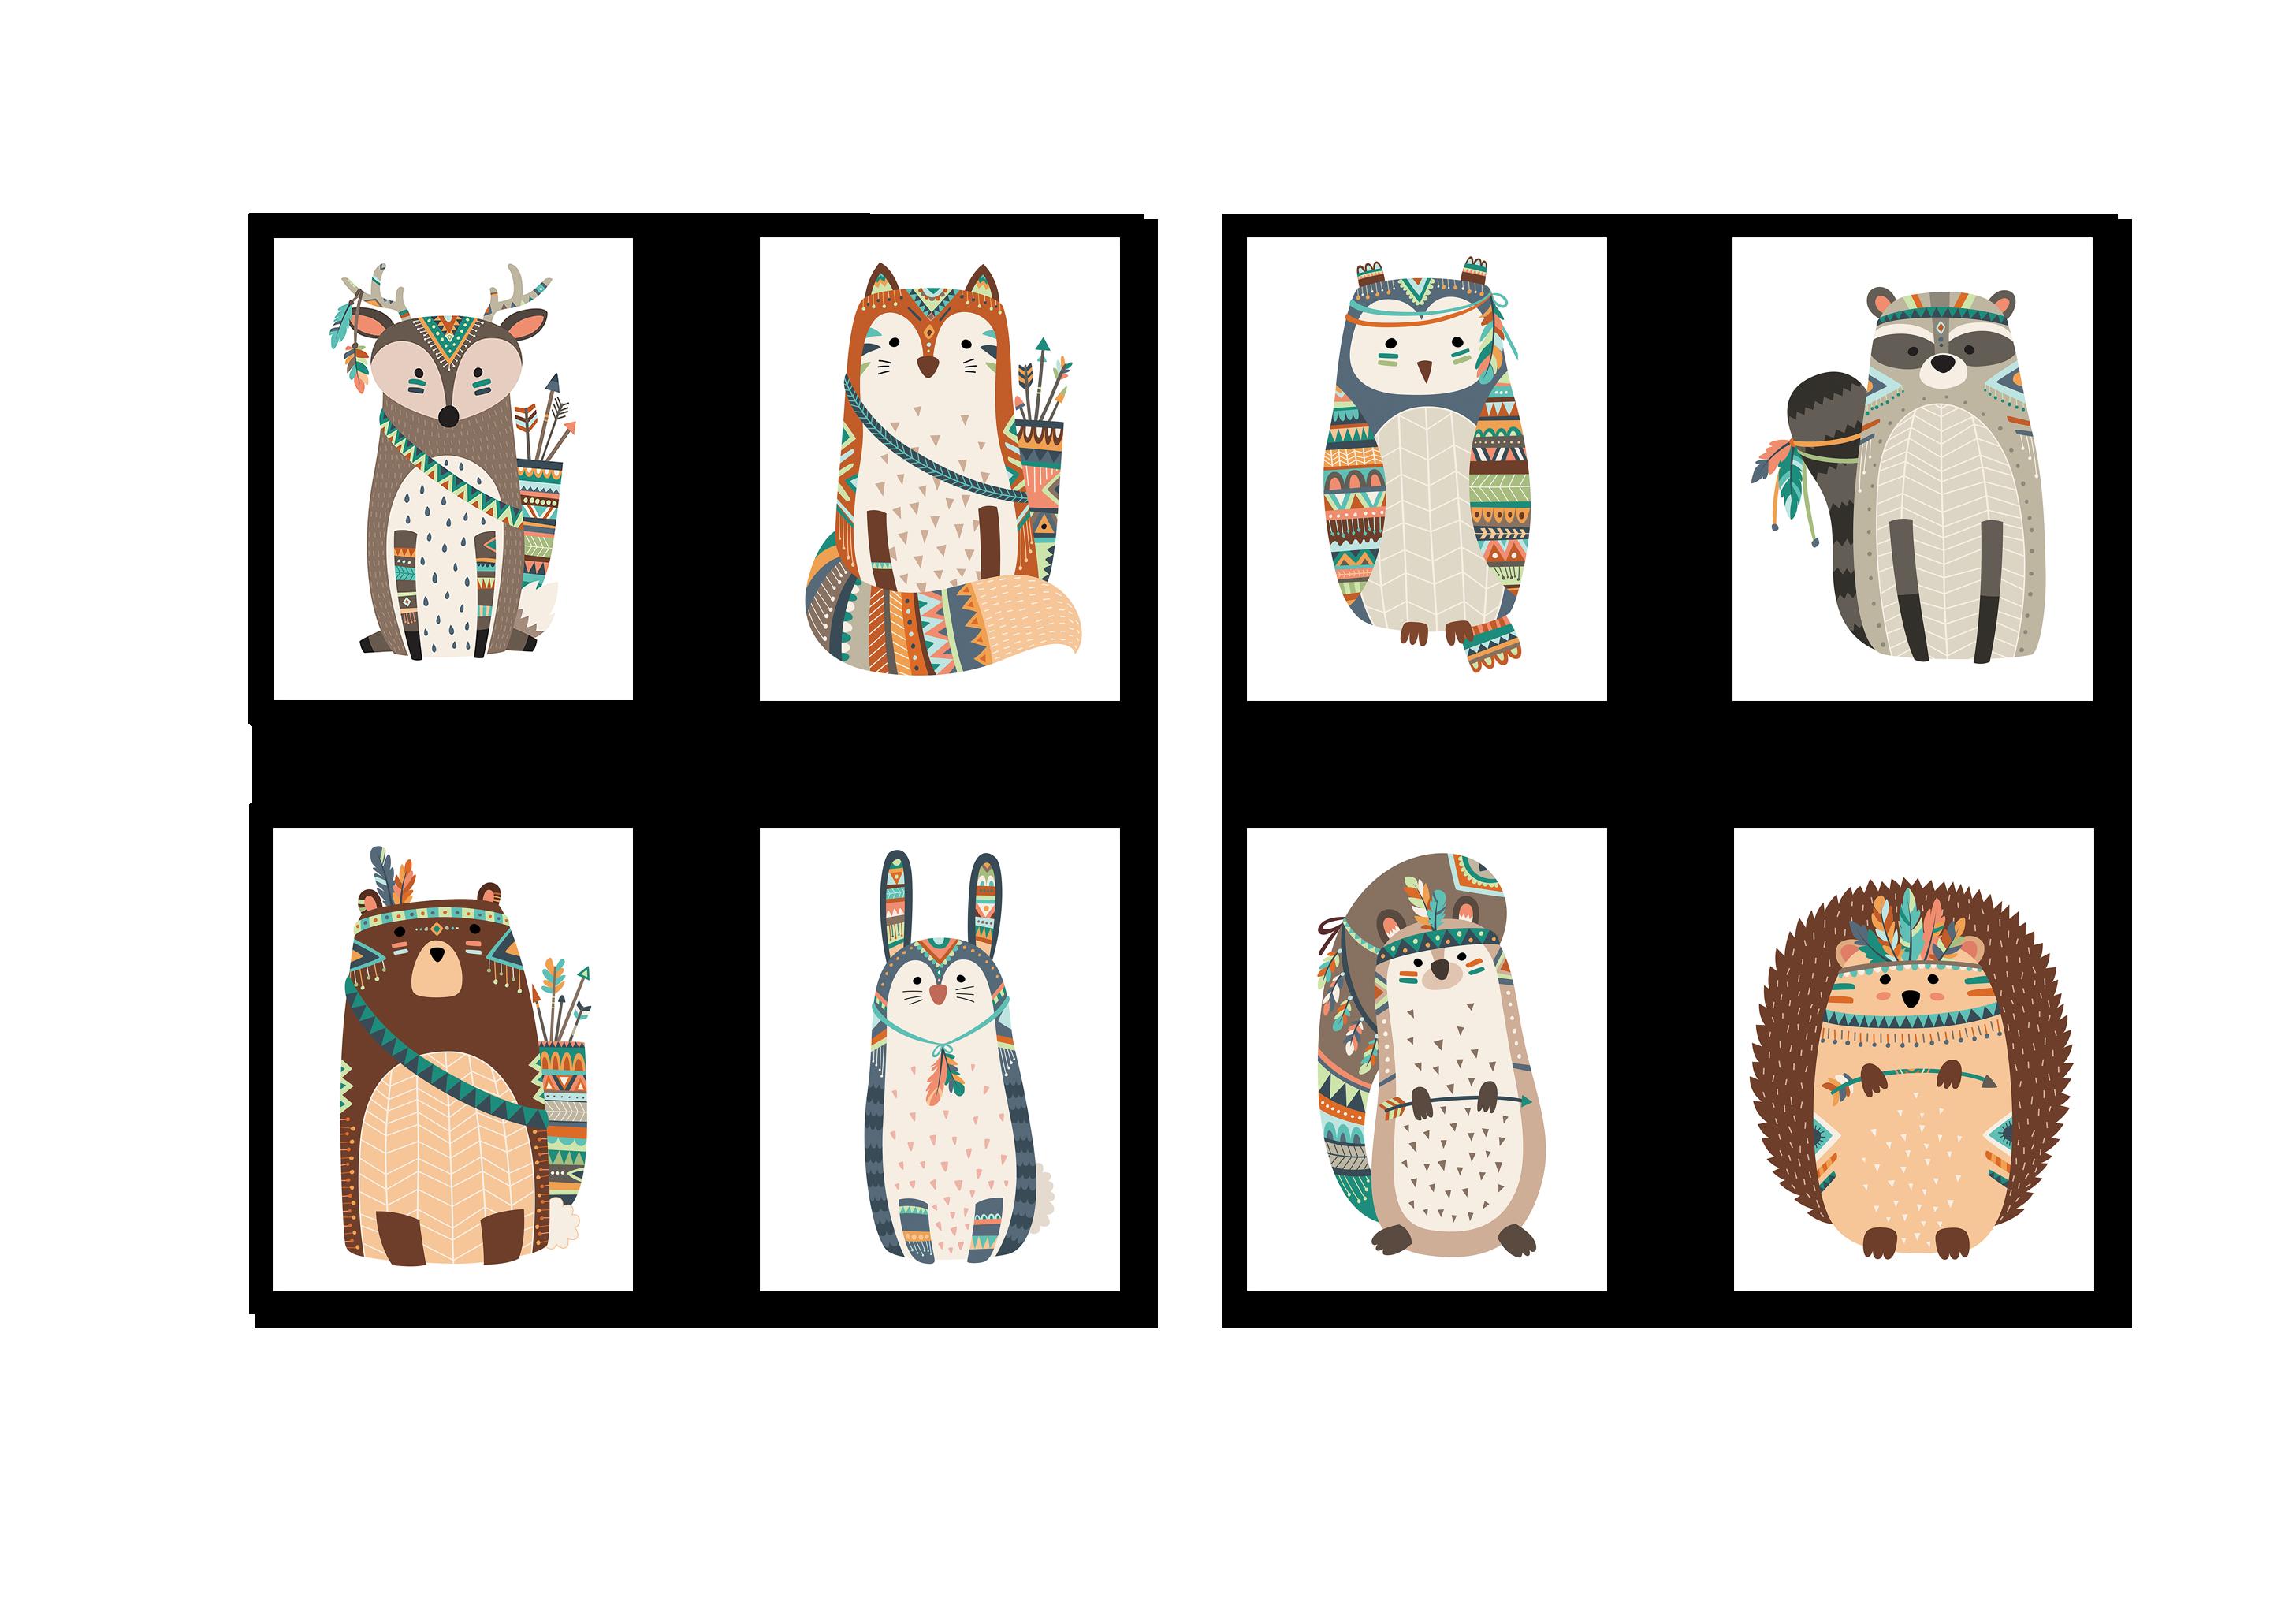 Tranh trang trí phòng trẻ em Woodland and tribal animal